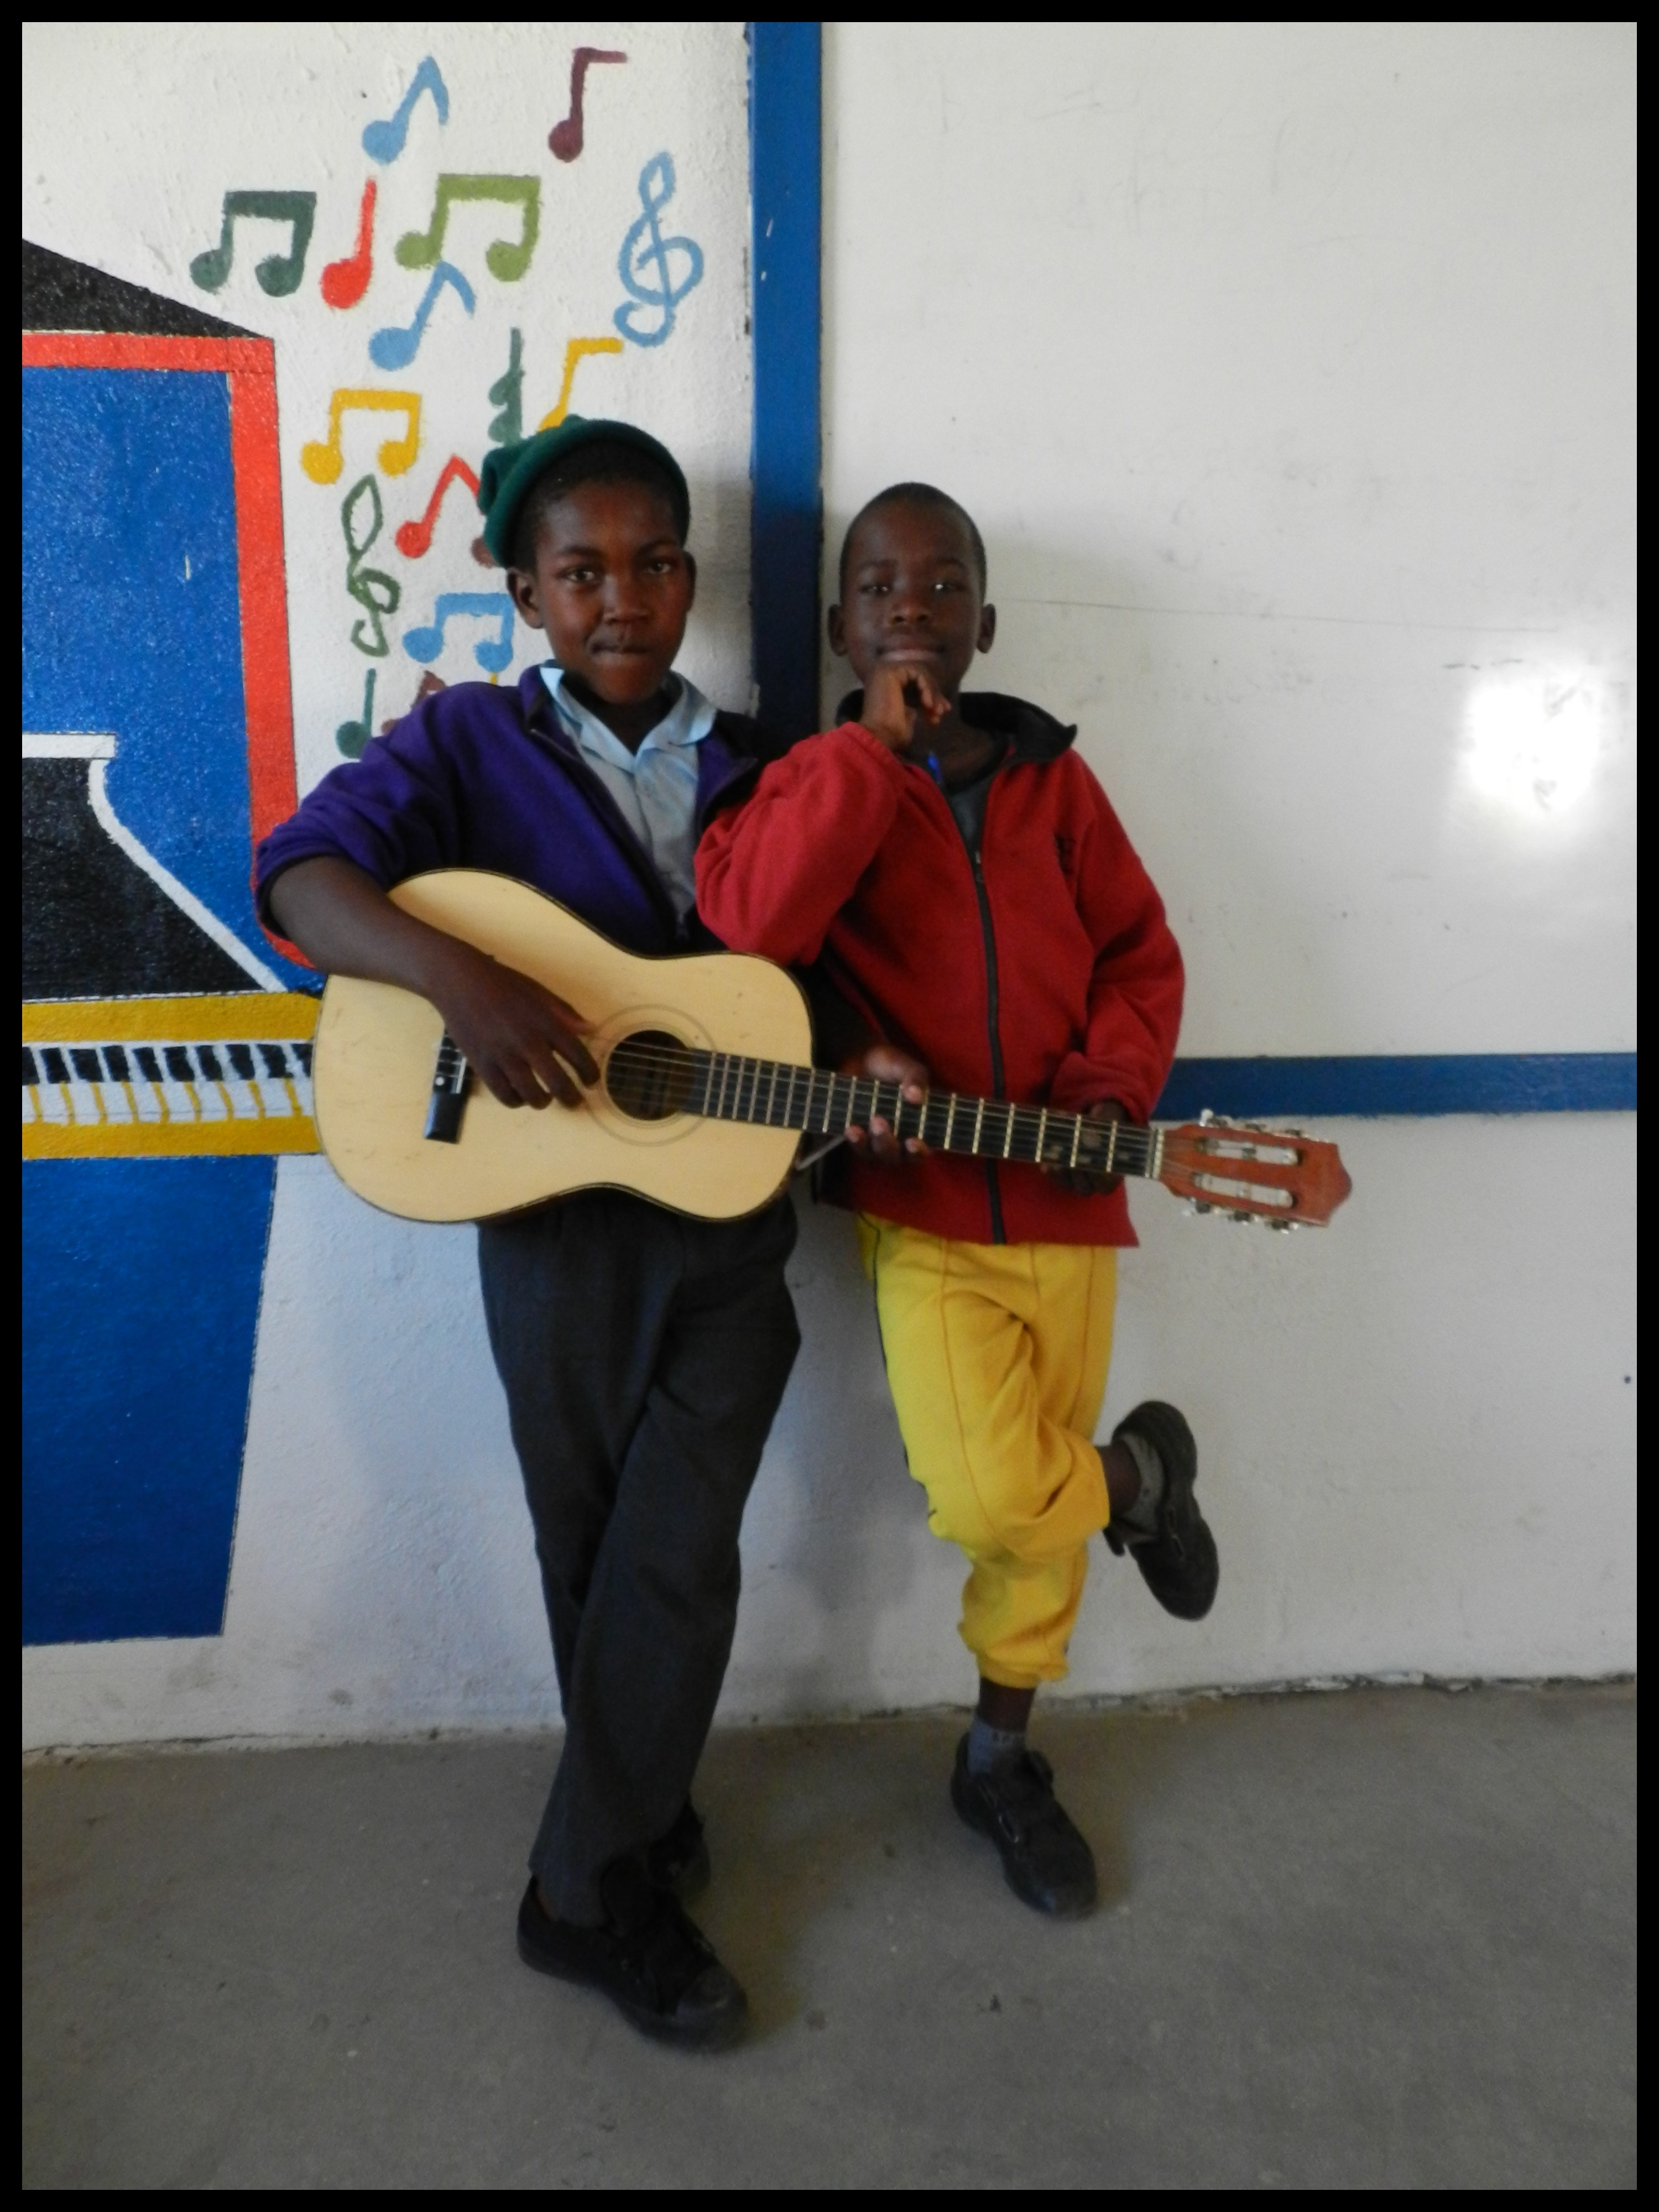 Enjabulweni Choir